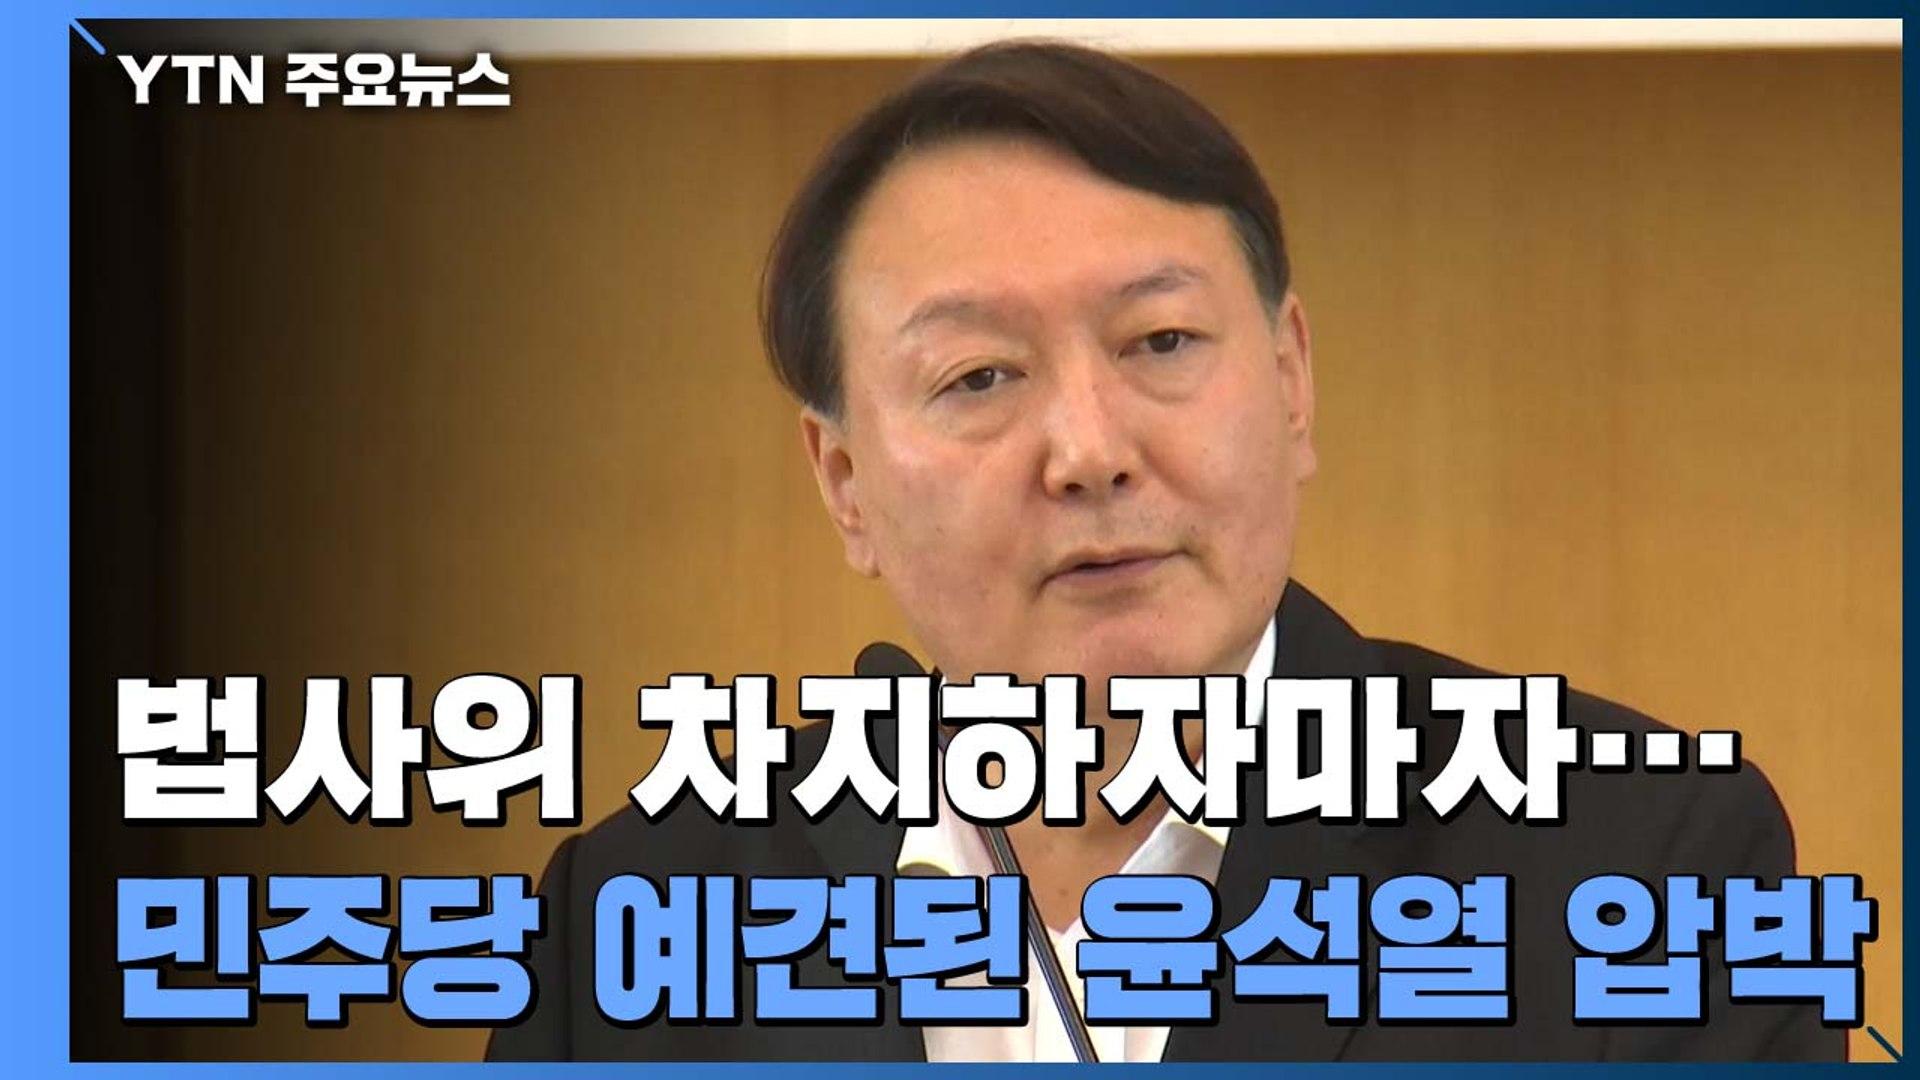 민주당의 '예견된' 윤석열 총장 사퇴 압박...검찰 개혁 추진과 맞물려 / YTN - 동영상 Dailymotion